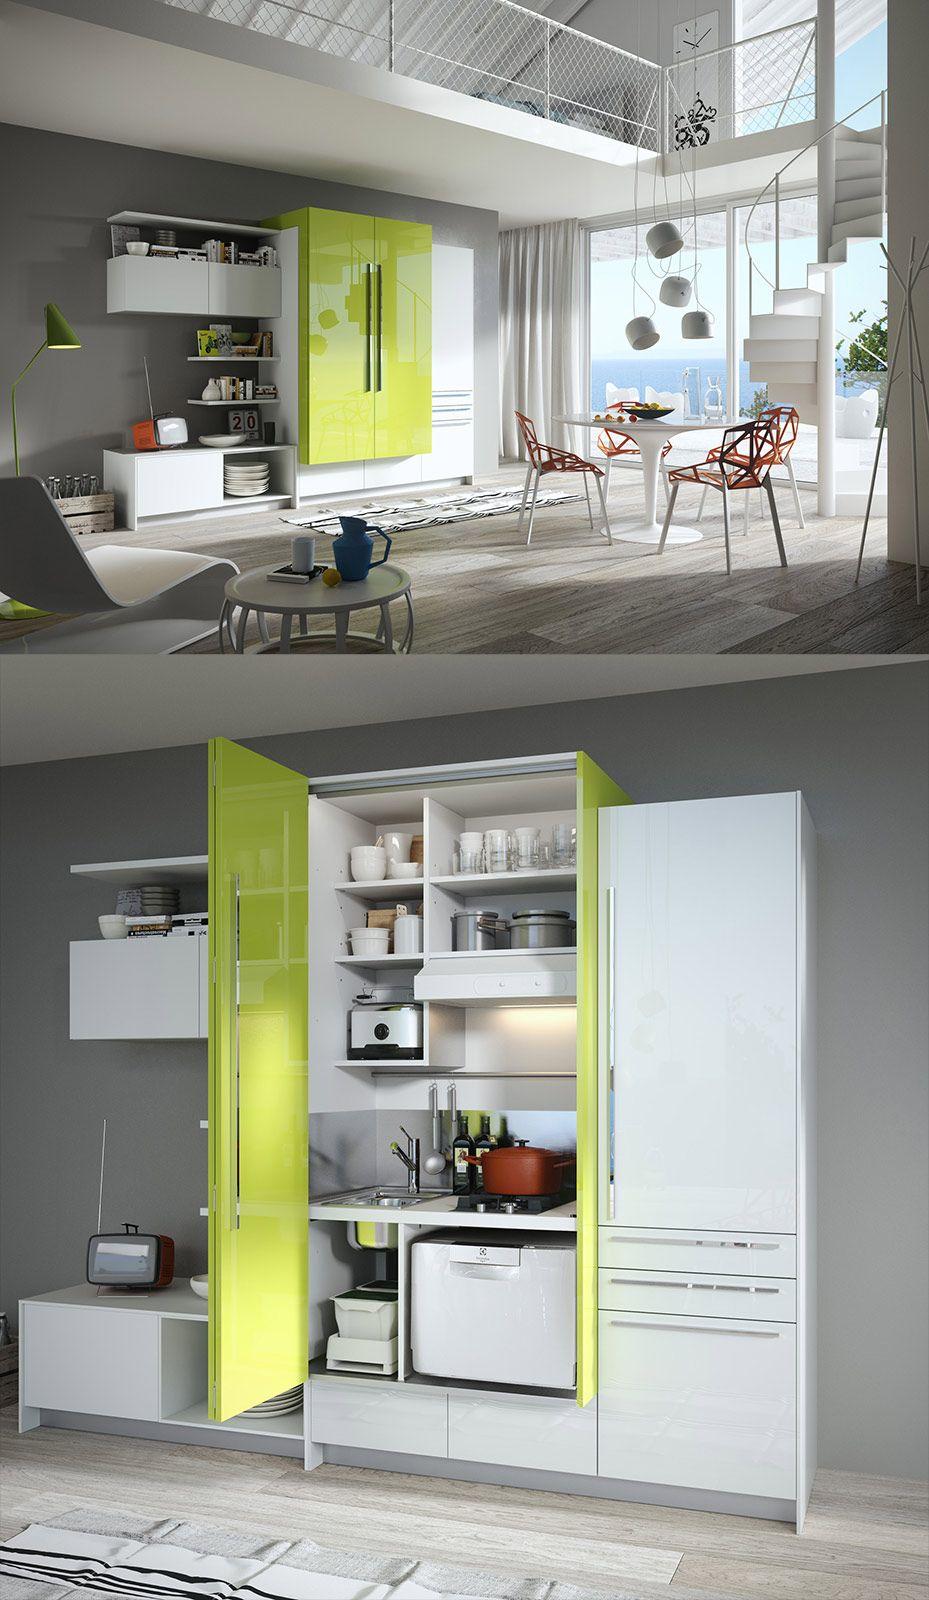 La cucina nell 39 armadio cose di casa small living - Cucine armadio a scomparsa ...